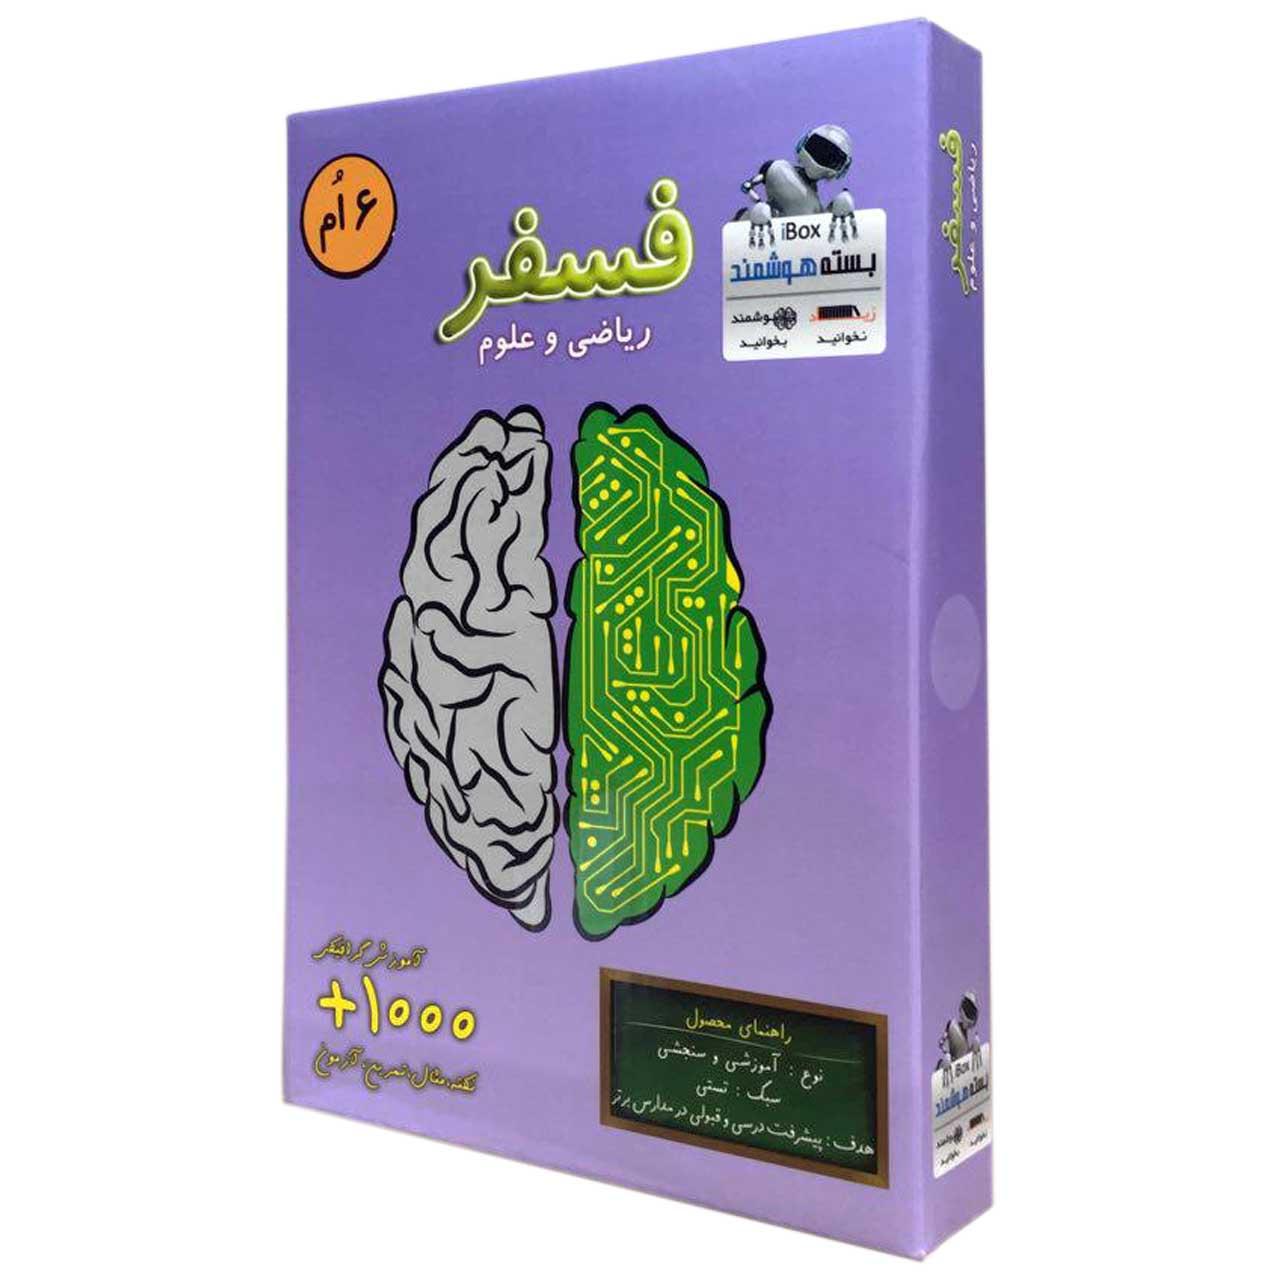 نرم افزار آموزشی ریاضی و علوم ششم فسفر انتشارات آی باکس